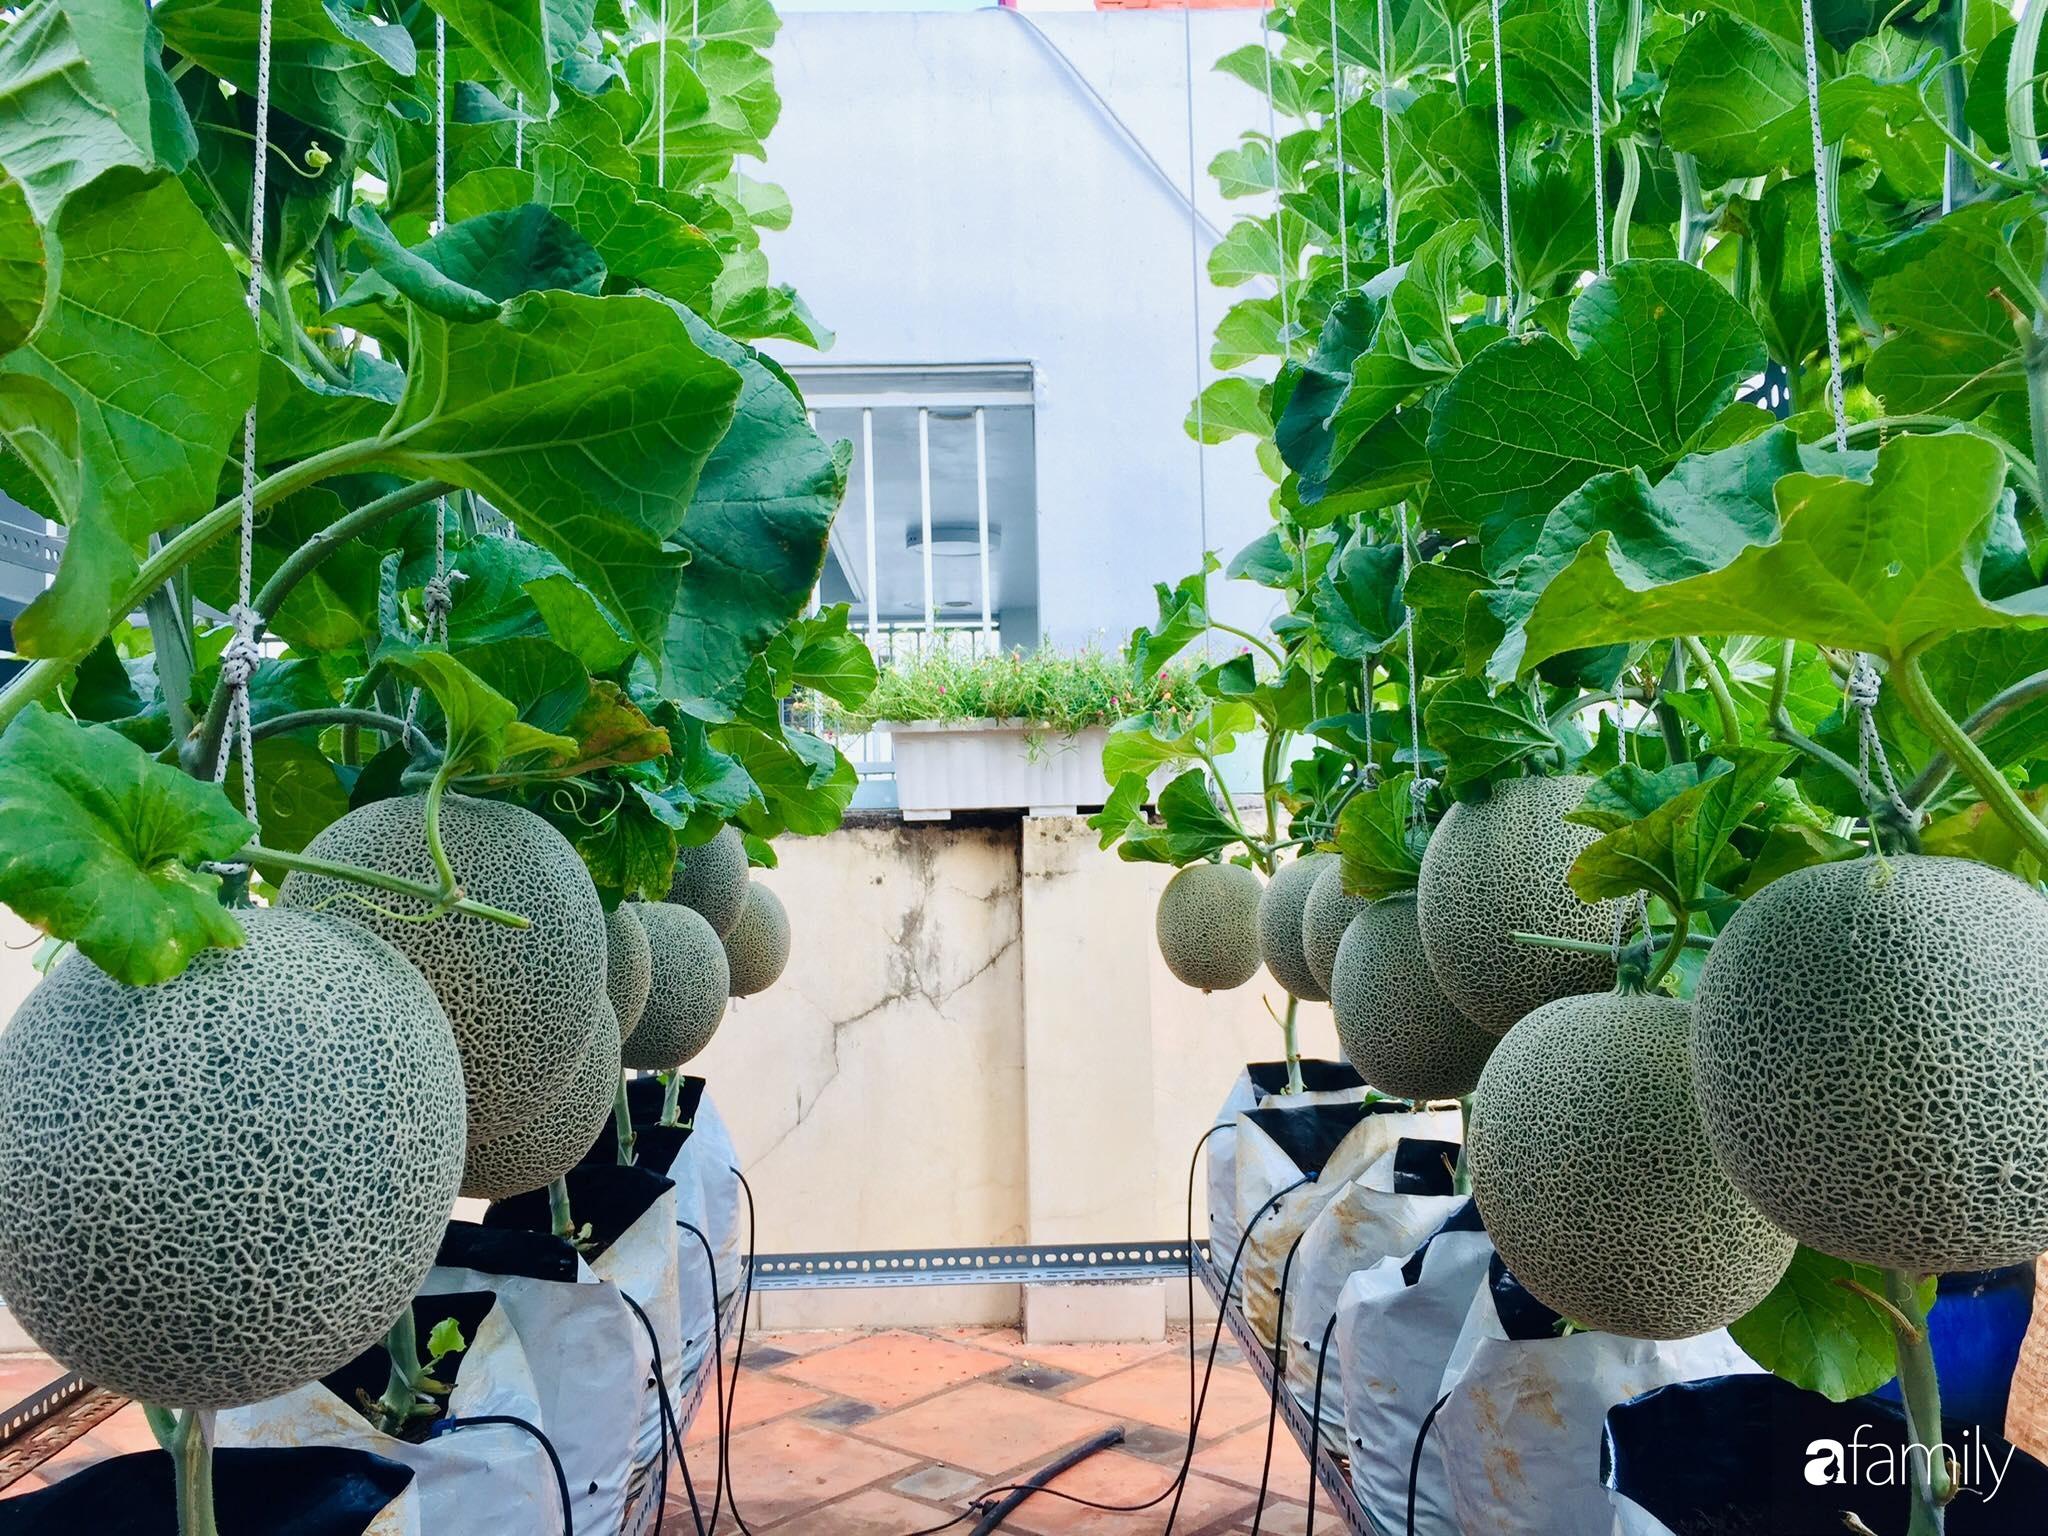 """Gặp """"siêu nhân"""" trồng dưa trên sân thượng với kinh nghiệm đáng ngưỡng mộ ở Sài Gòn - Ảnh 2."""